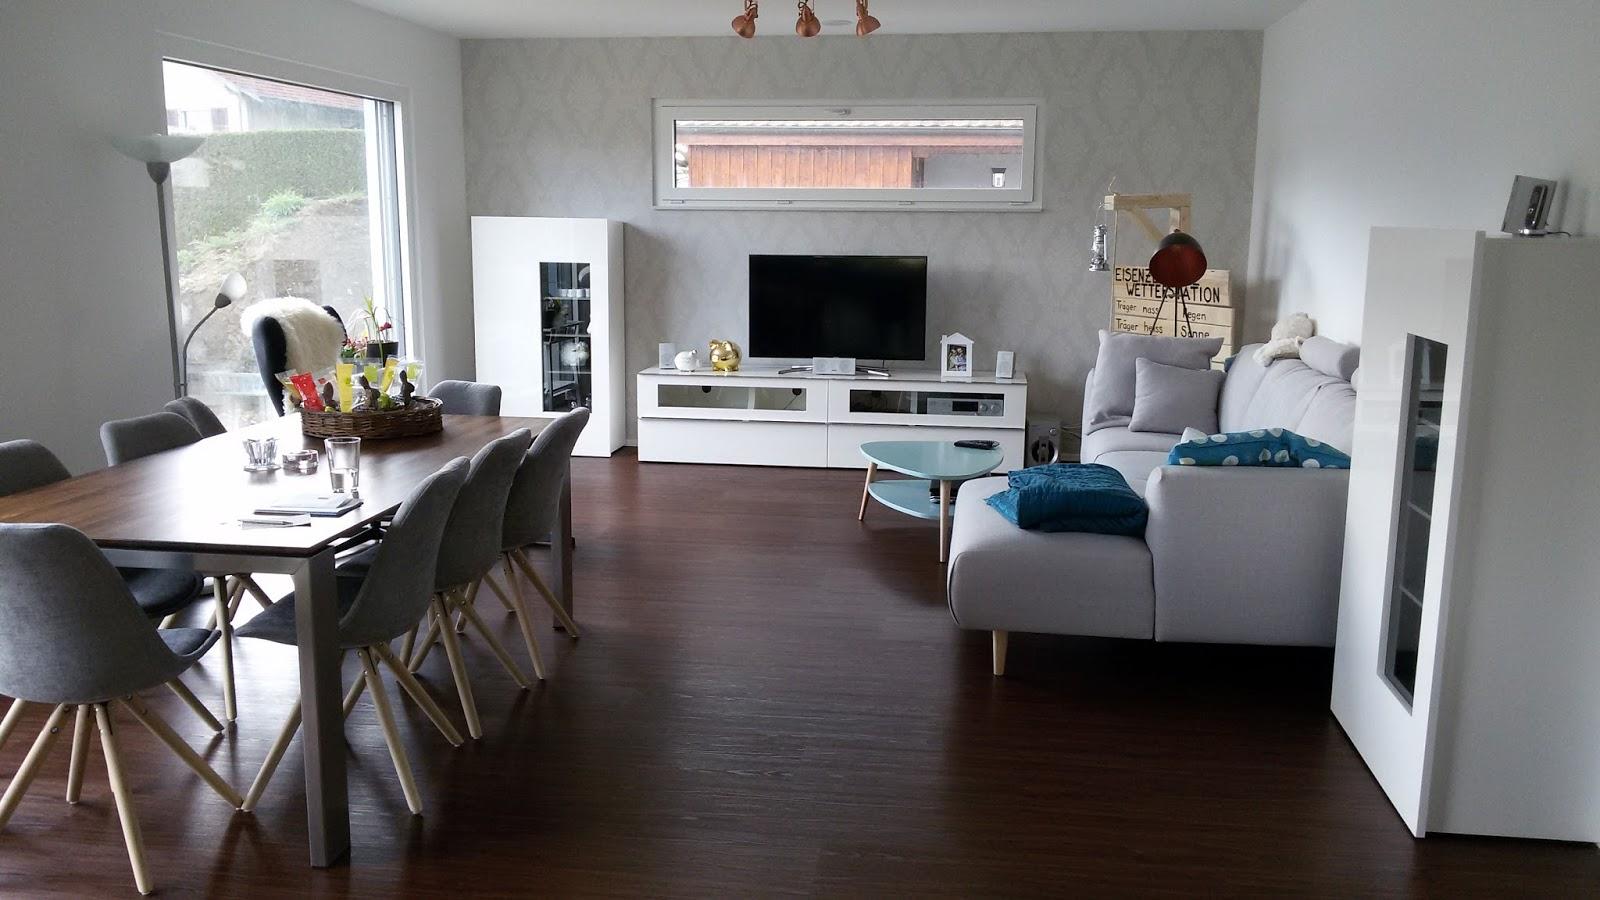 wie nennt man küche und wohnzimmer zusammen – Dumss.com